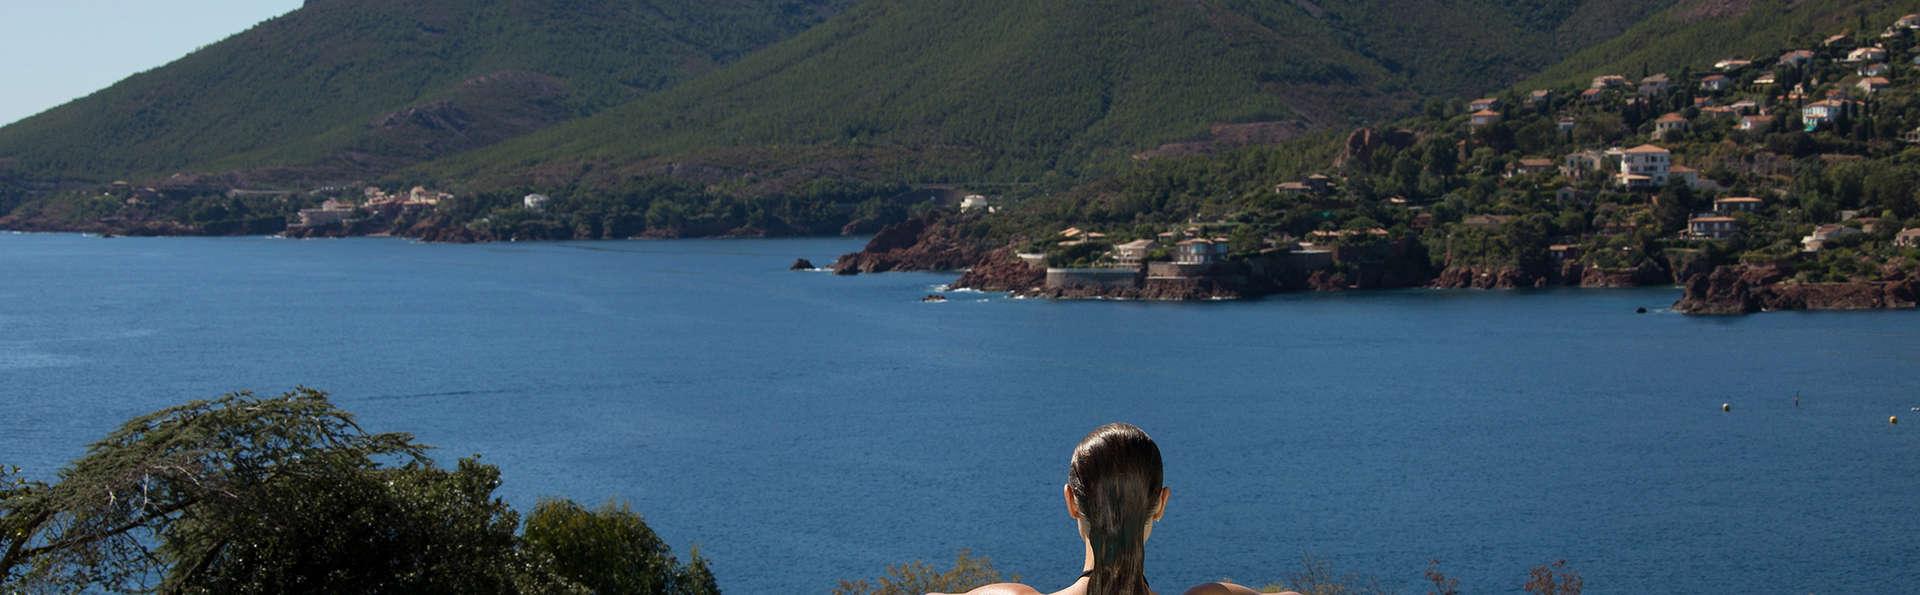 Evasion de rêve sur la Côte d'Azur